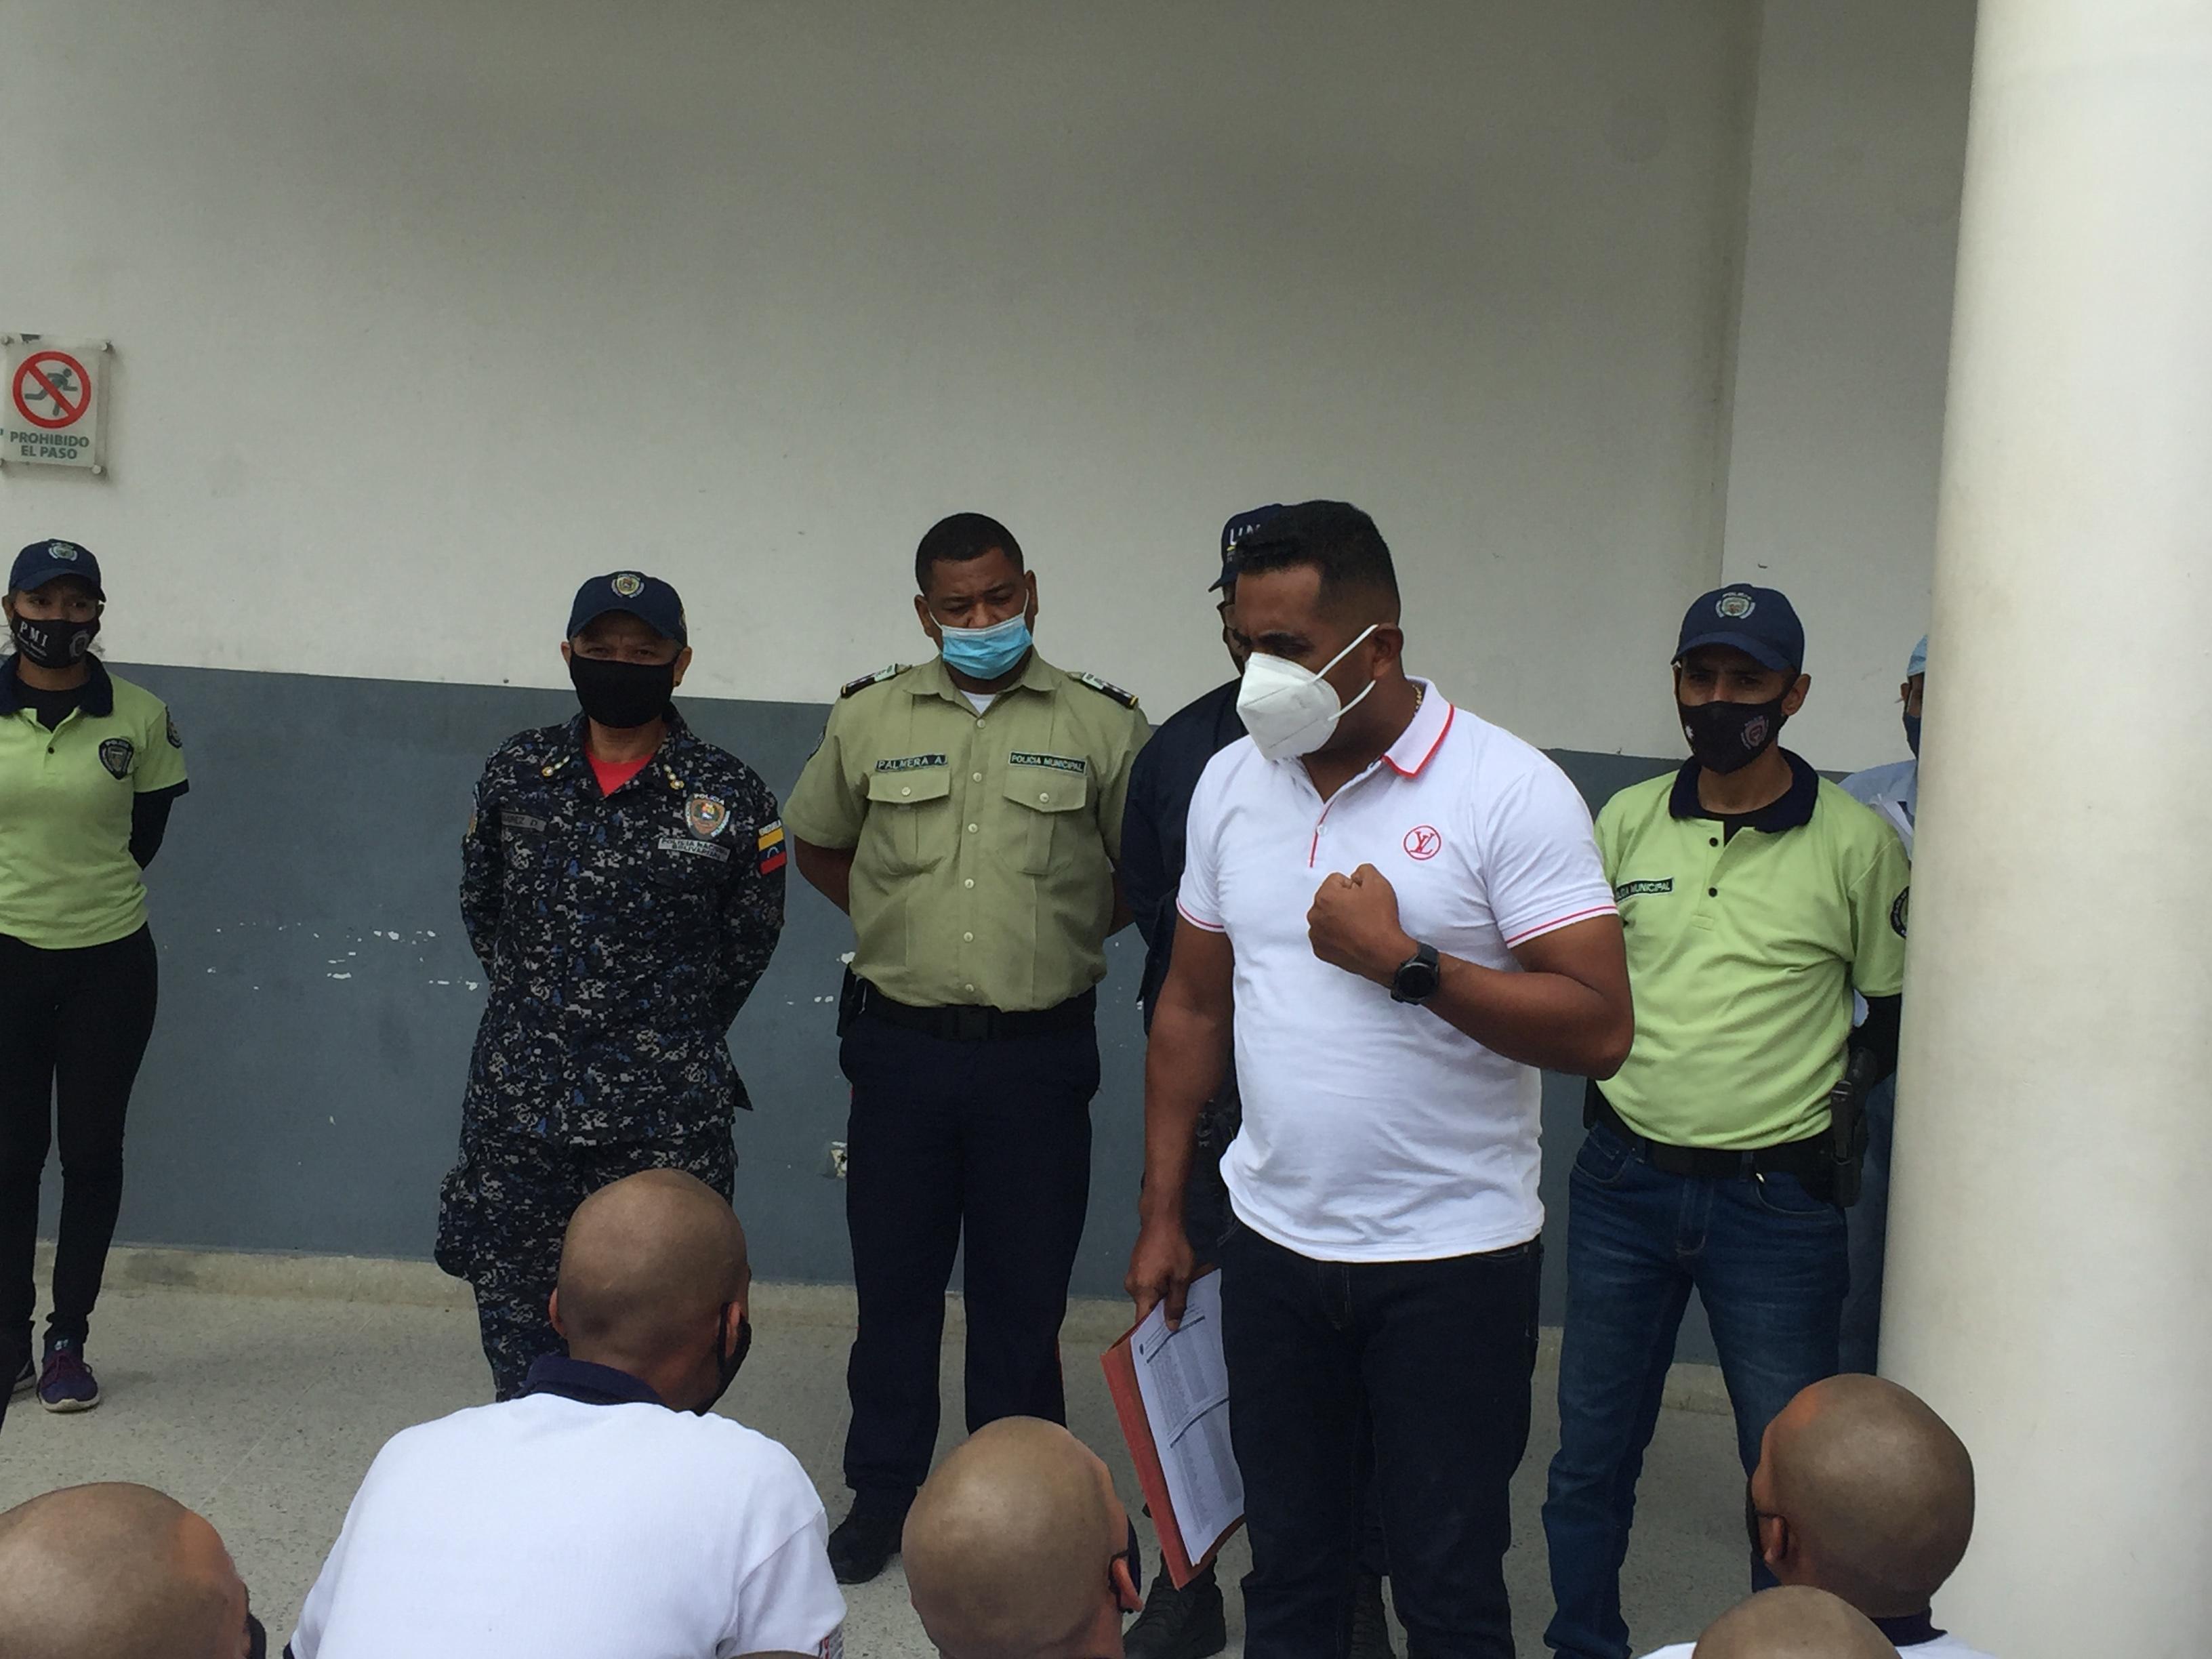 Estudiantes de la UNES Lara fueron becados por la Alcaldía de Iribarren